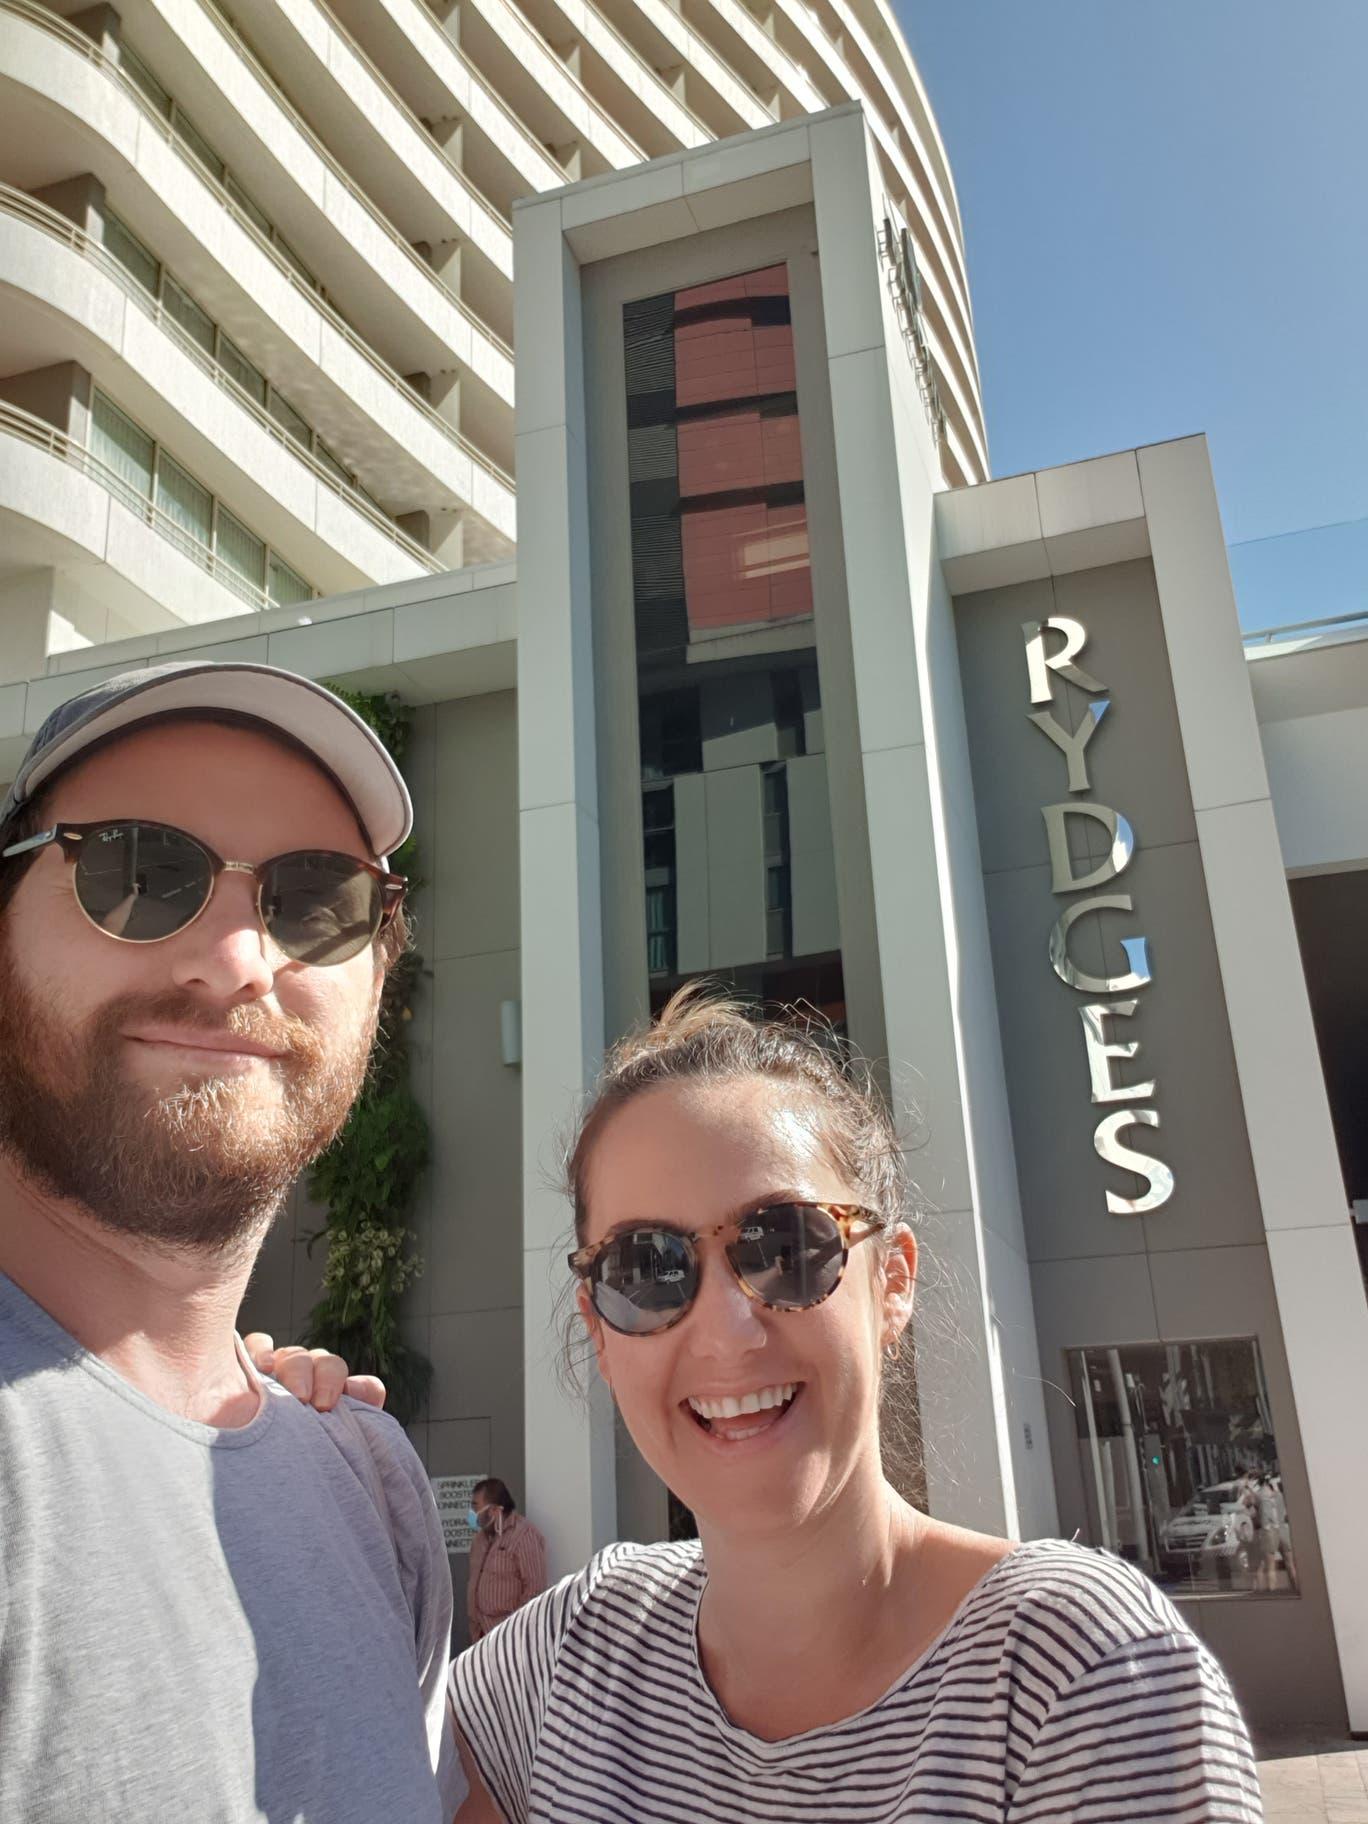 كلوي كان وشريك حياتها وخلفهما الفندق حيث عزلا لمدة أسبوعين لدى عودتهما إلى أستراليا(عن كلوي كان)